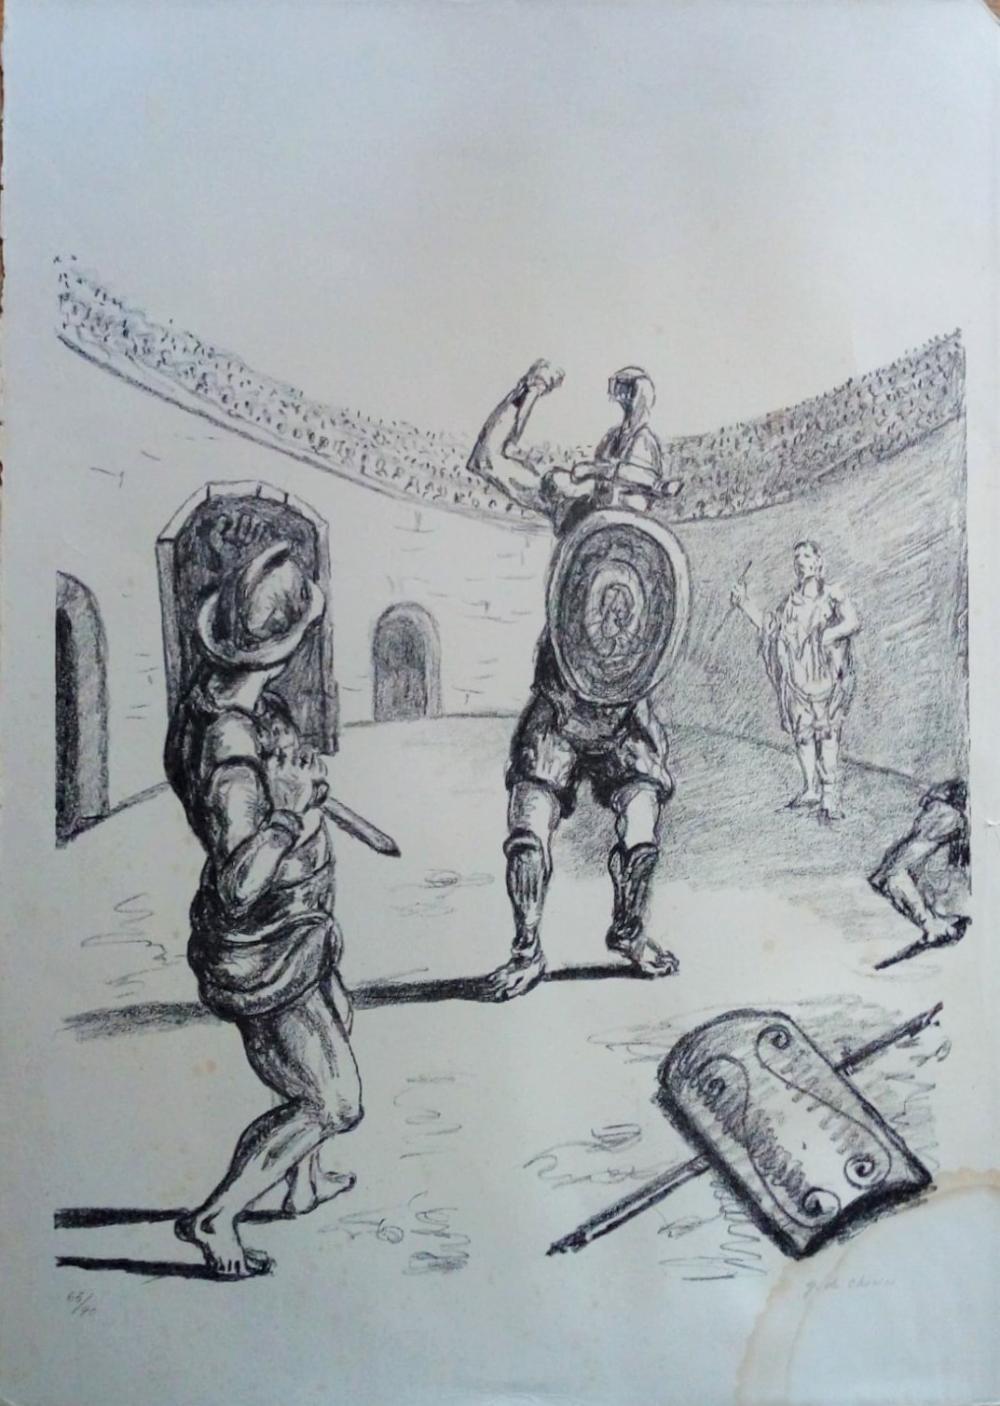 De Chirico Giorgio - I gladiatori nell'arena